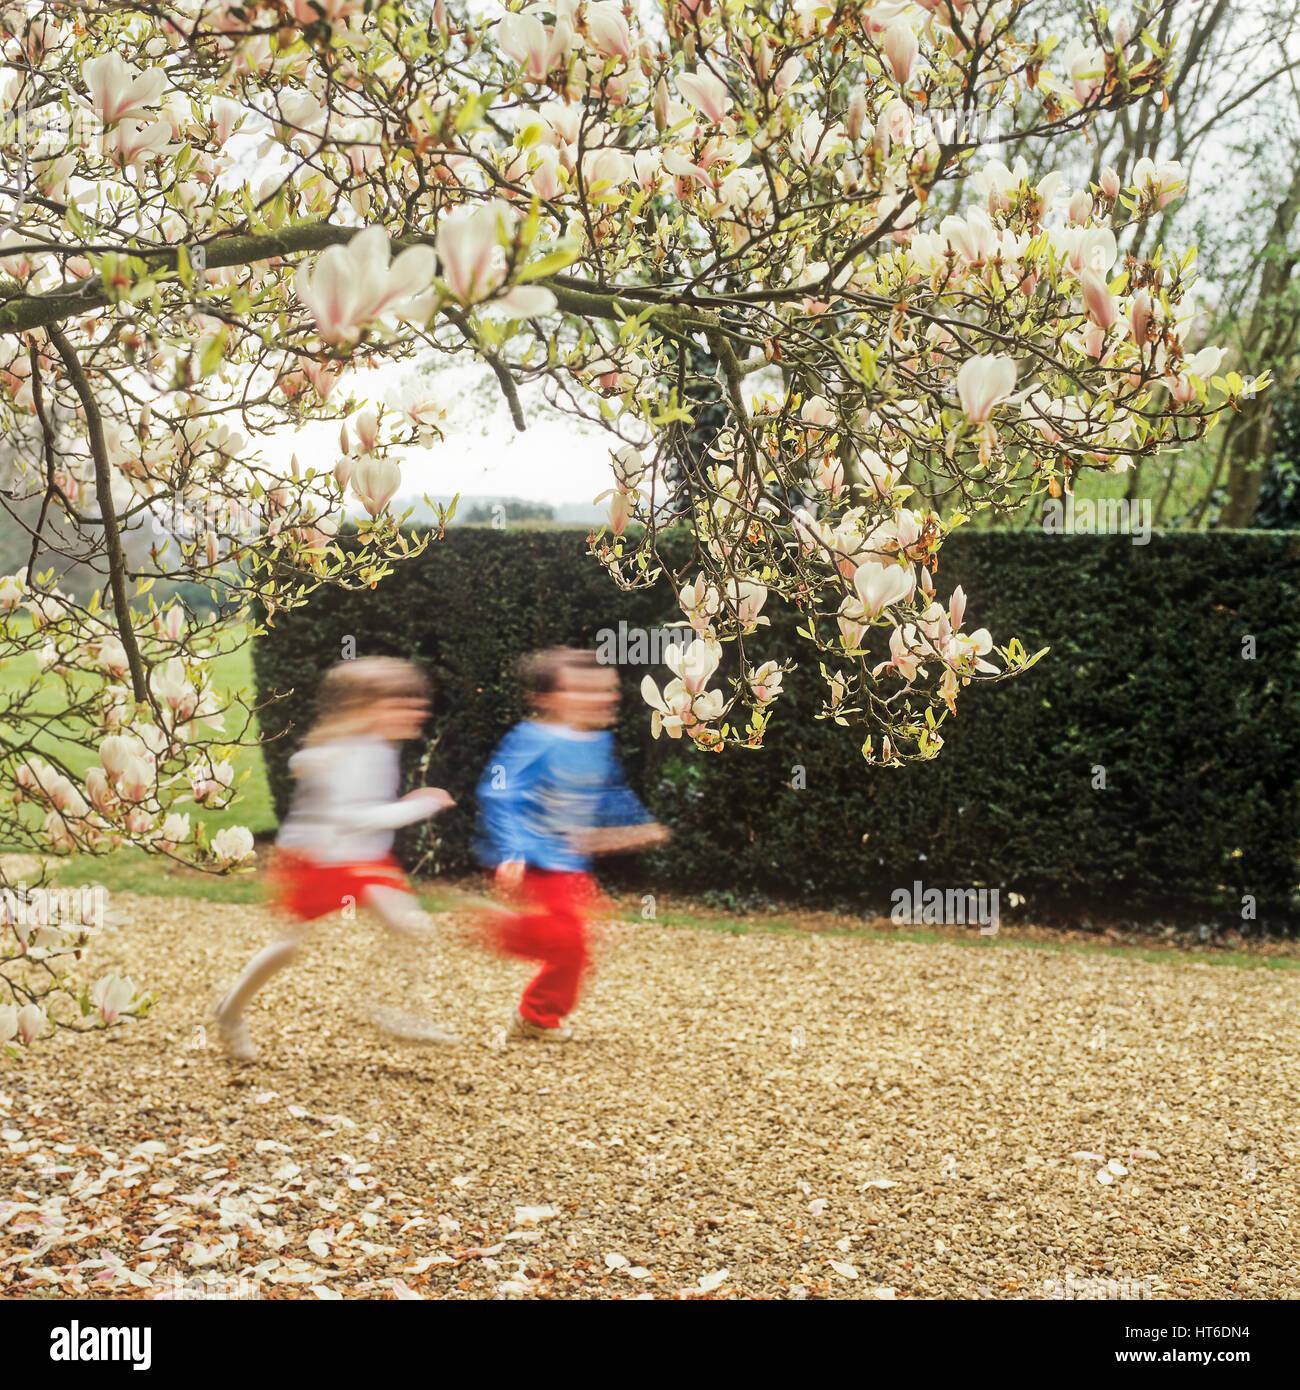 Los niños corriendo en un jardín. Imagen De Stock